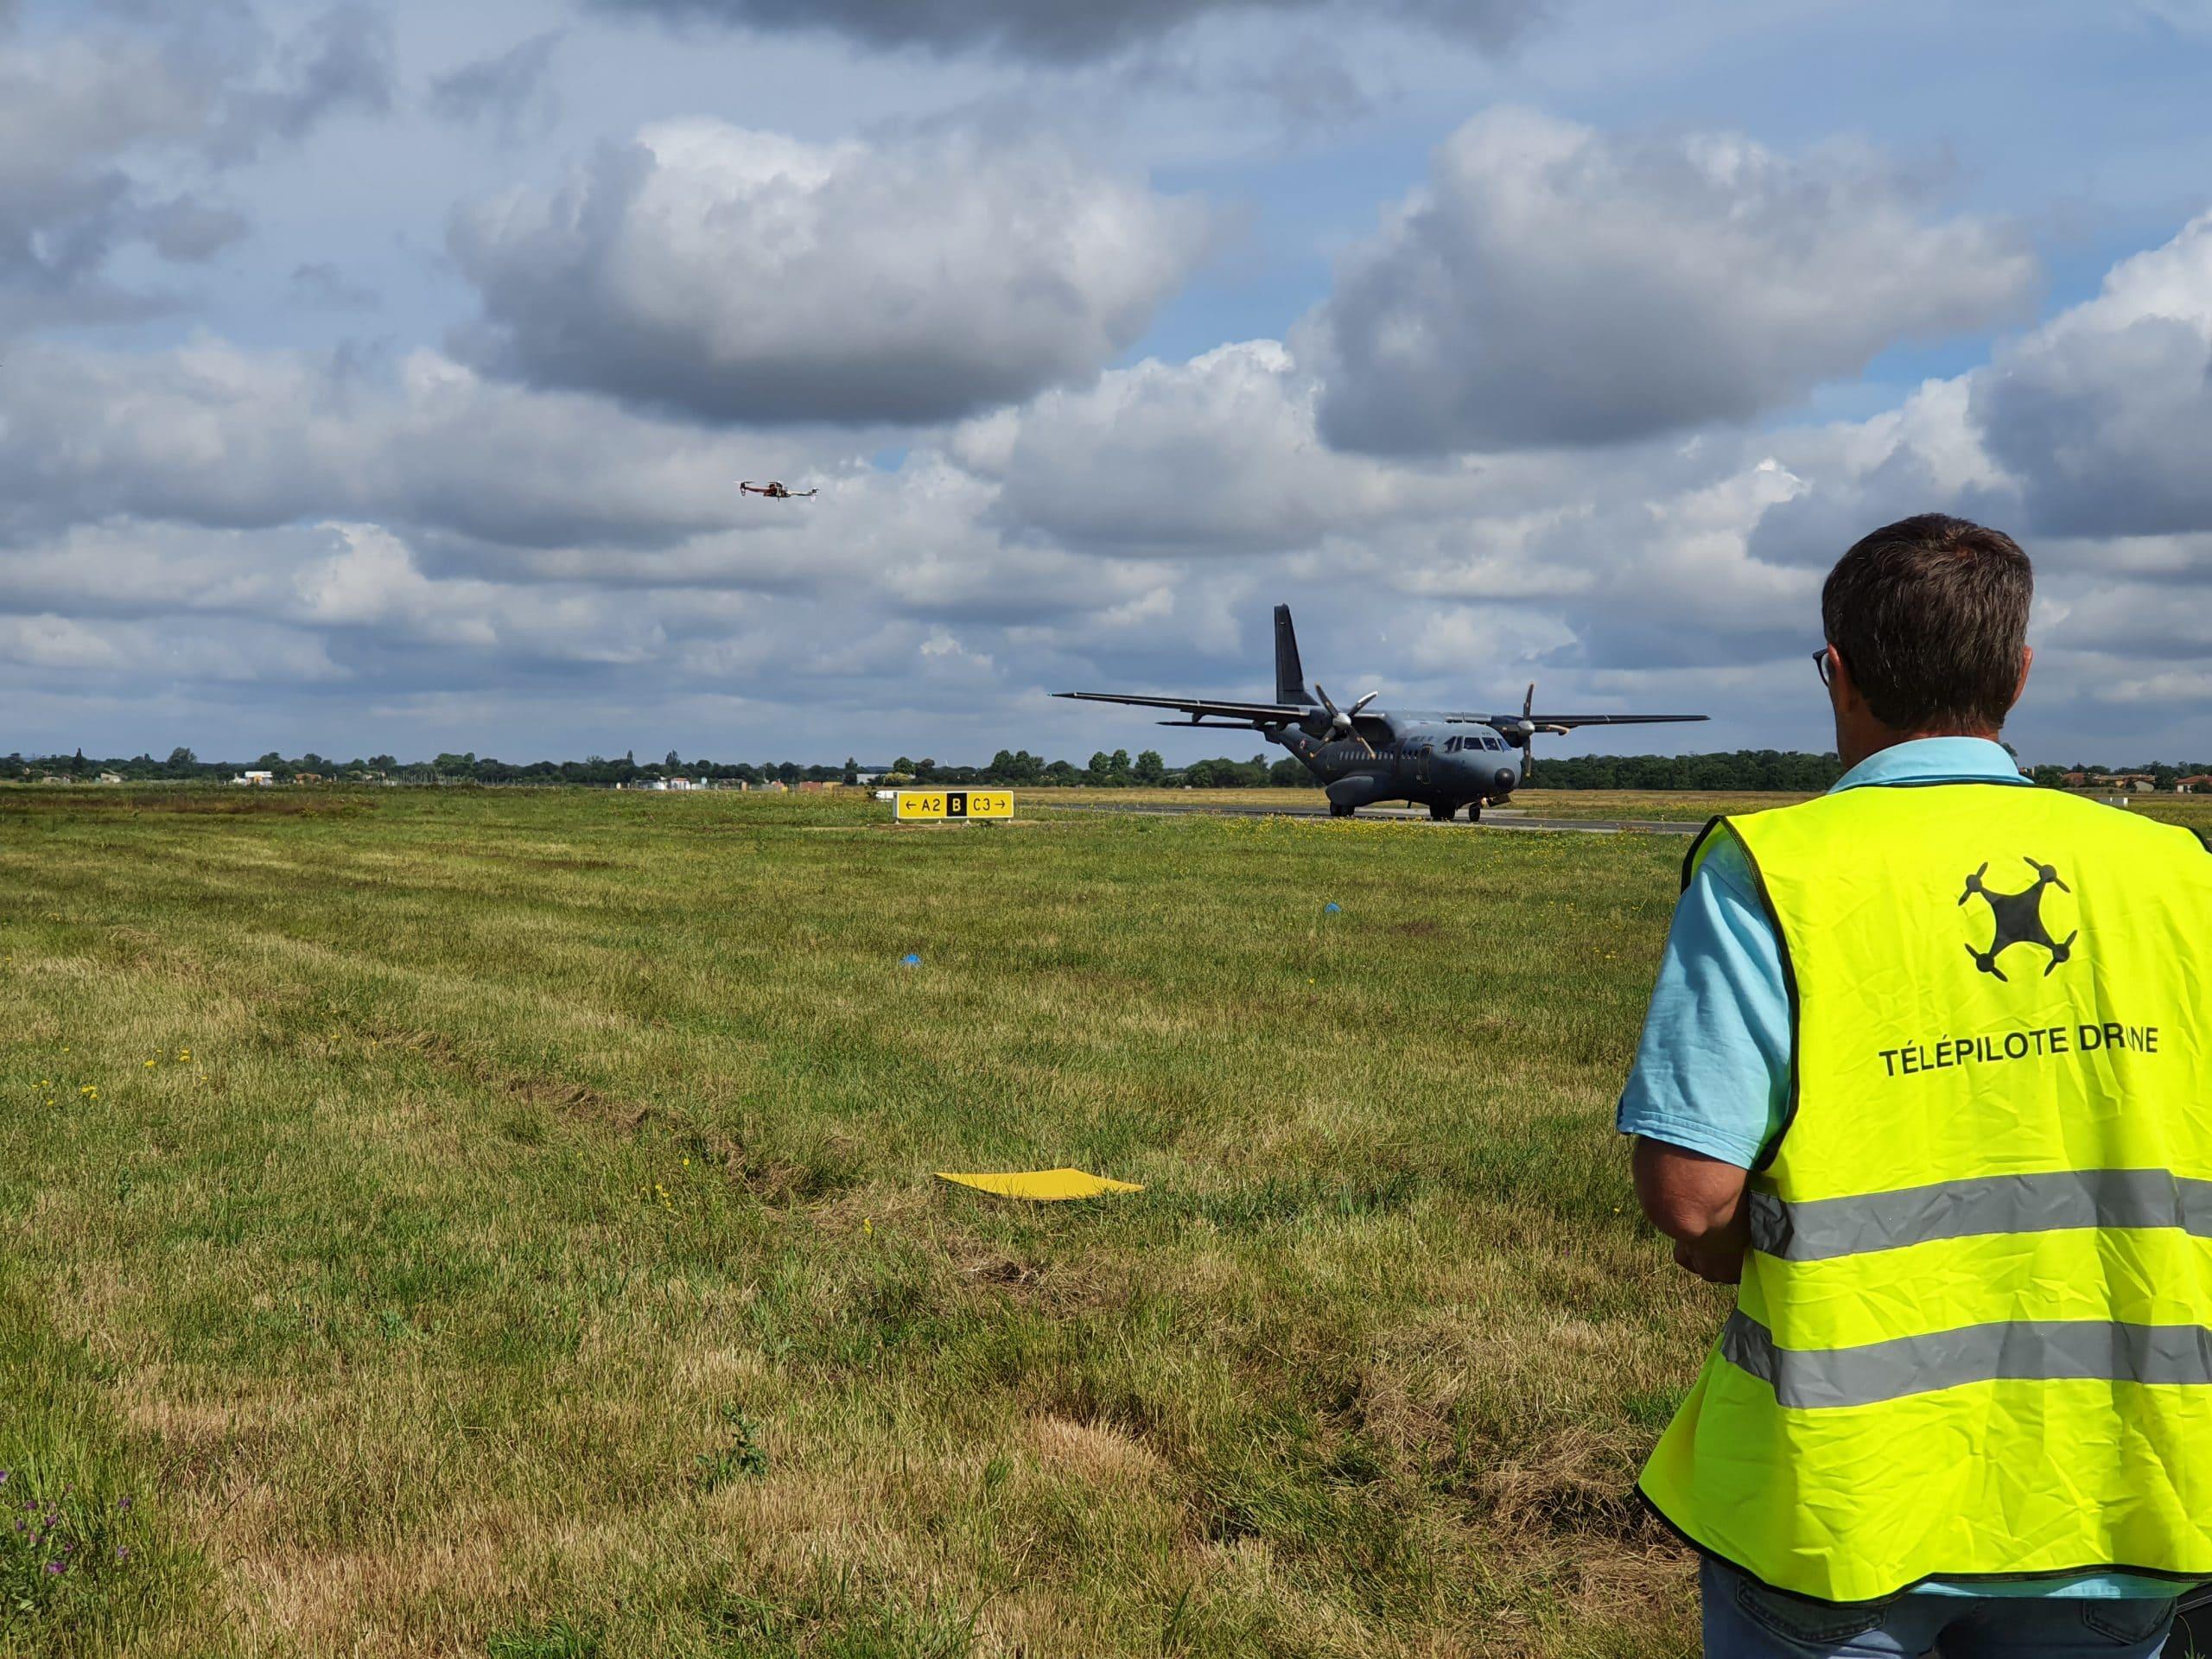 stagiaire qui fait voler son drone sur l'aéroport